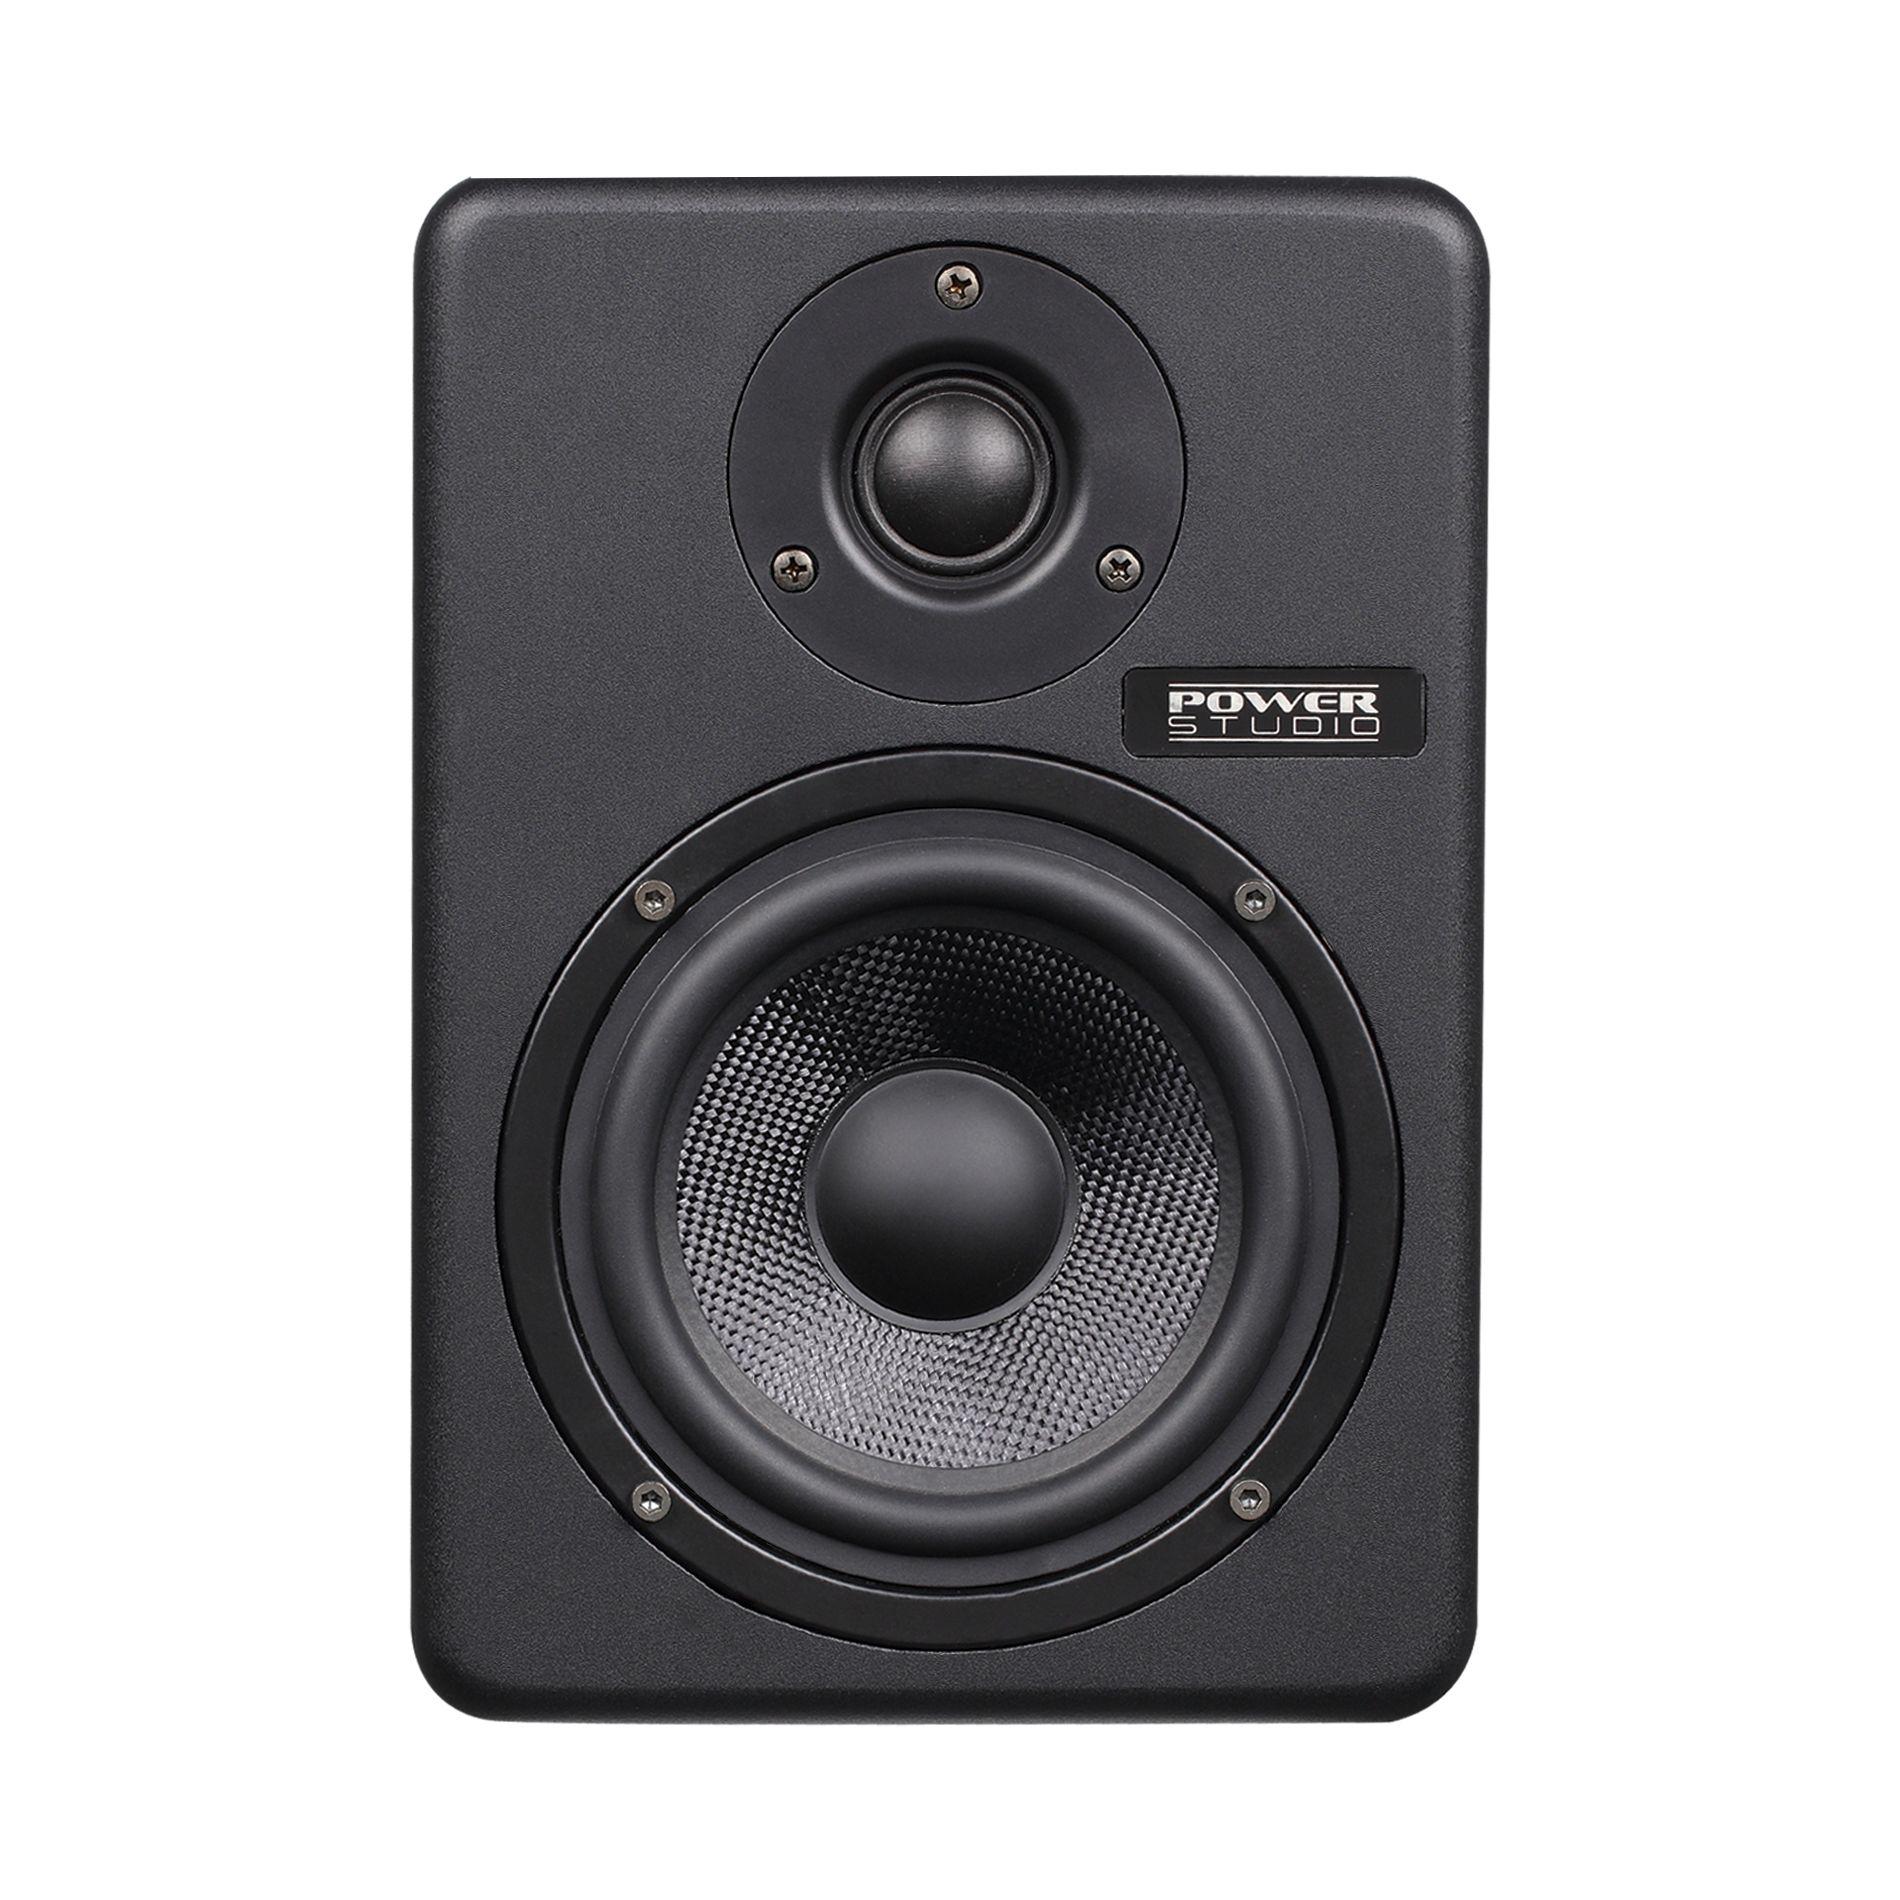 Power studio PSM 5A